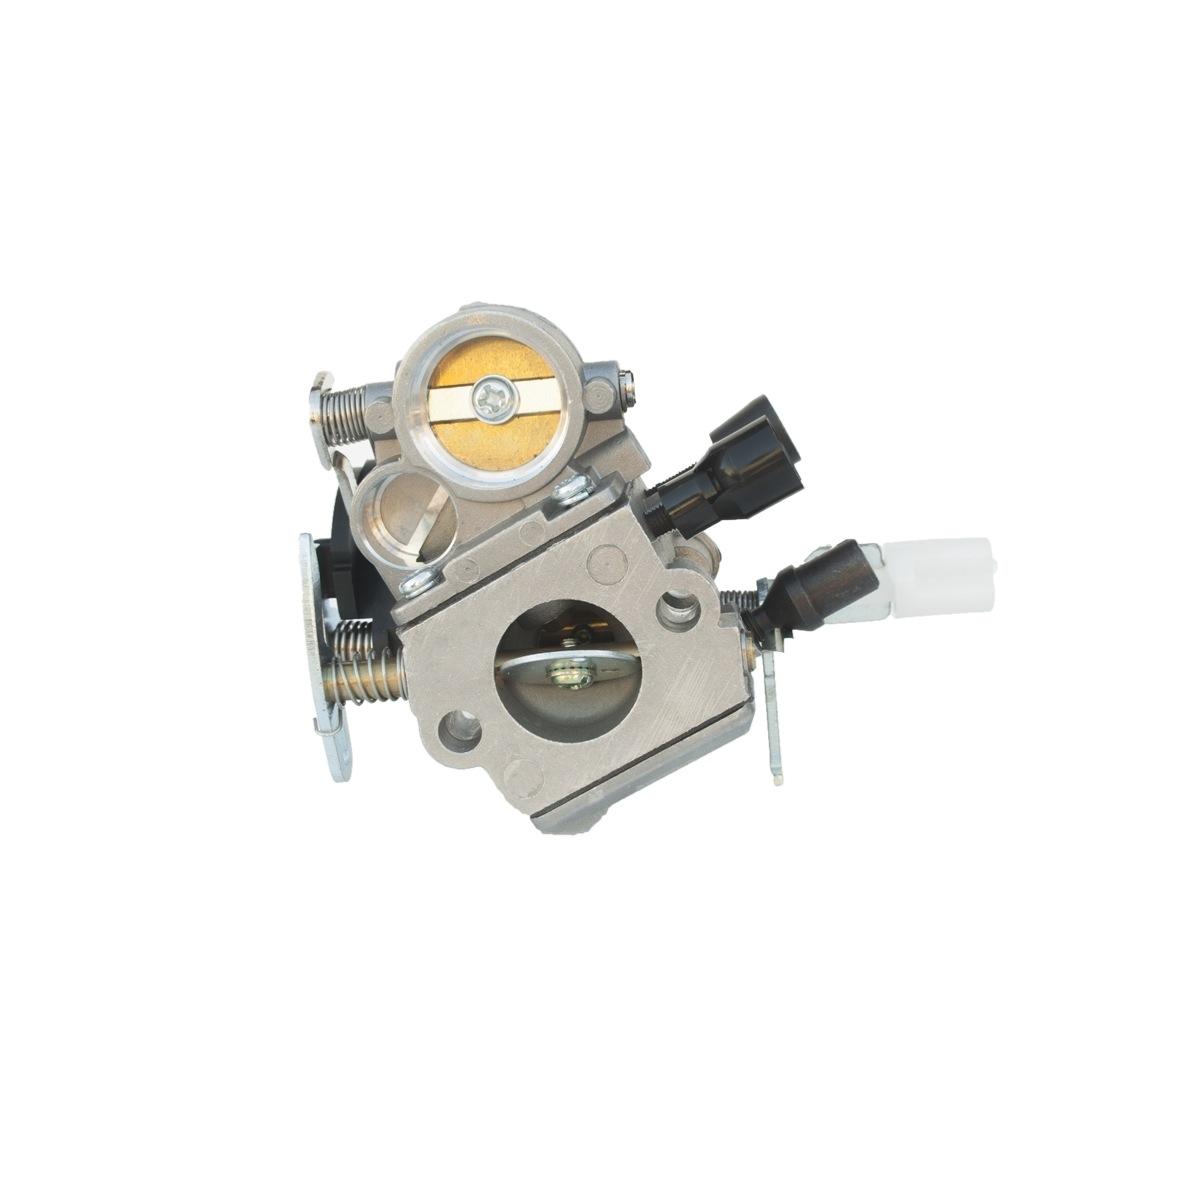 carburateur pour tronconneuse stihl ms201-ms211 - 11391200612